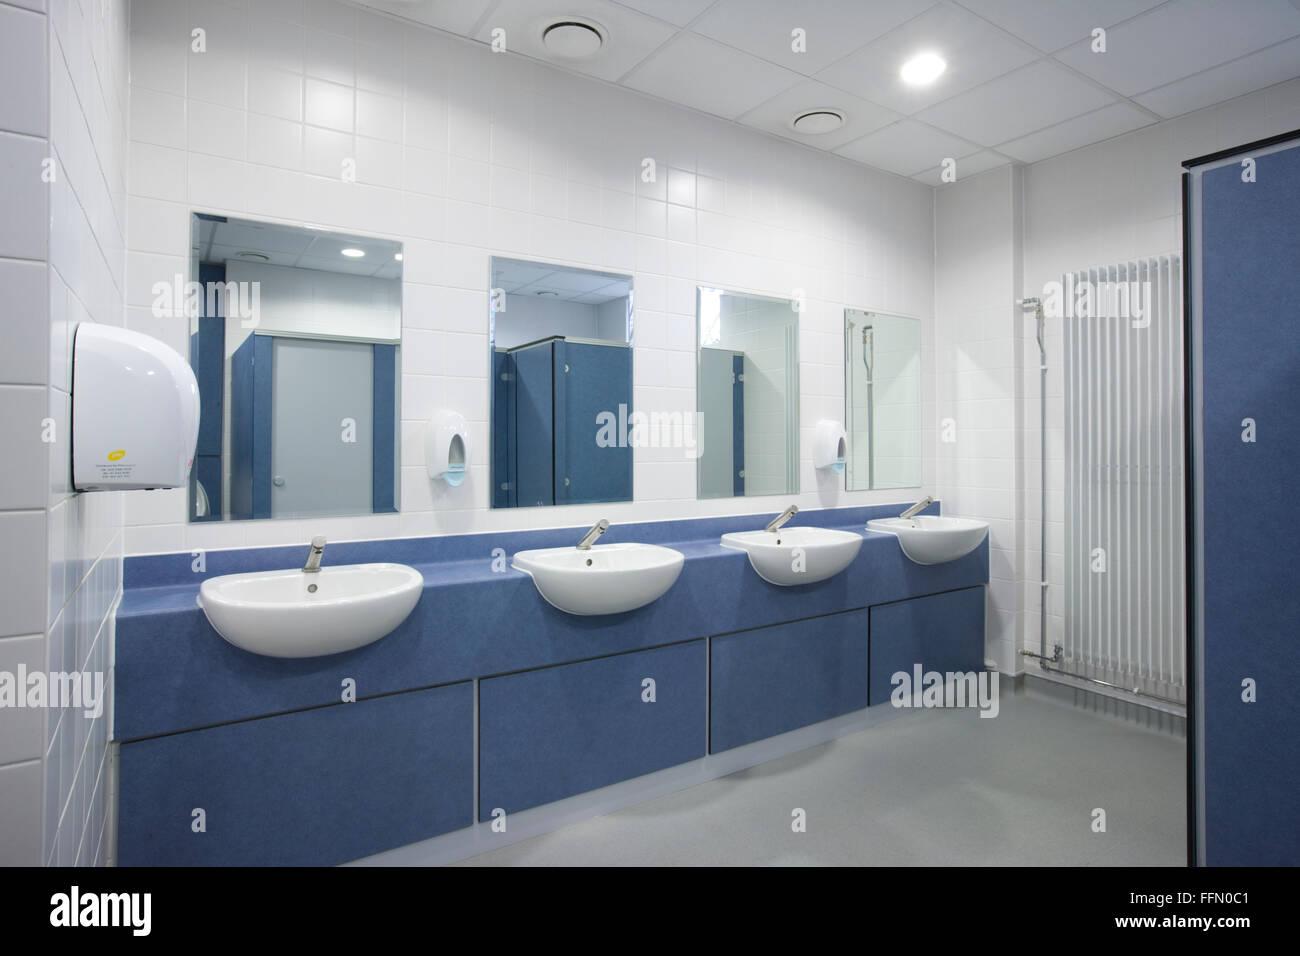 Moderne Büro-Toiletten und Waschraum Stockfoto, Bild: 95733009 - Alamy